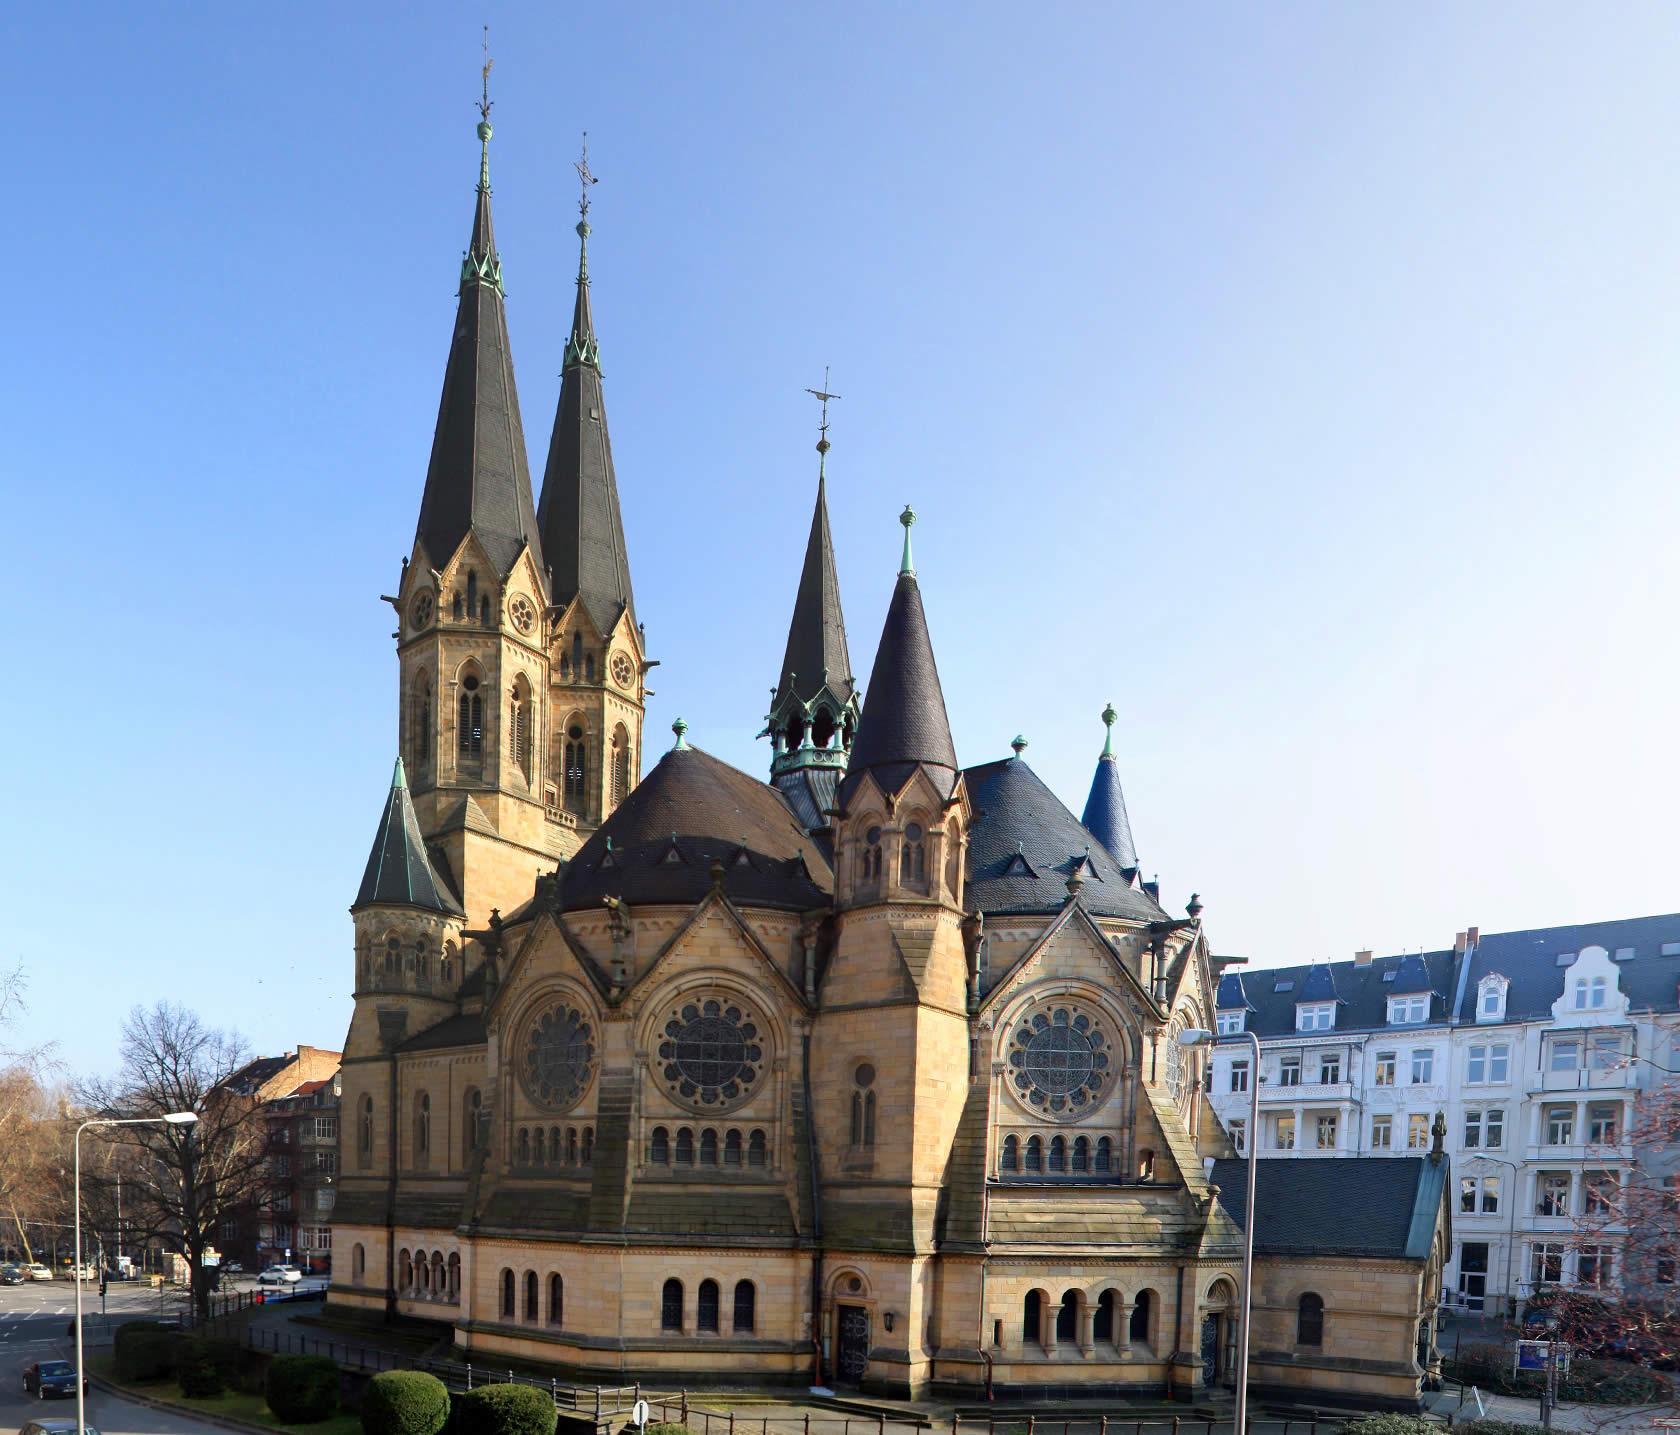 """Ringkirche Wiesbaden - Dort gibt Georg Magirius laut Dr. Sunny Panitz mit seinem Buch """"Traumhaft schlägt das Herz der Liebe ein magisches Versprechen"""""""